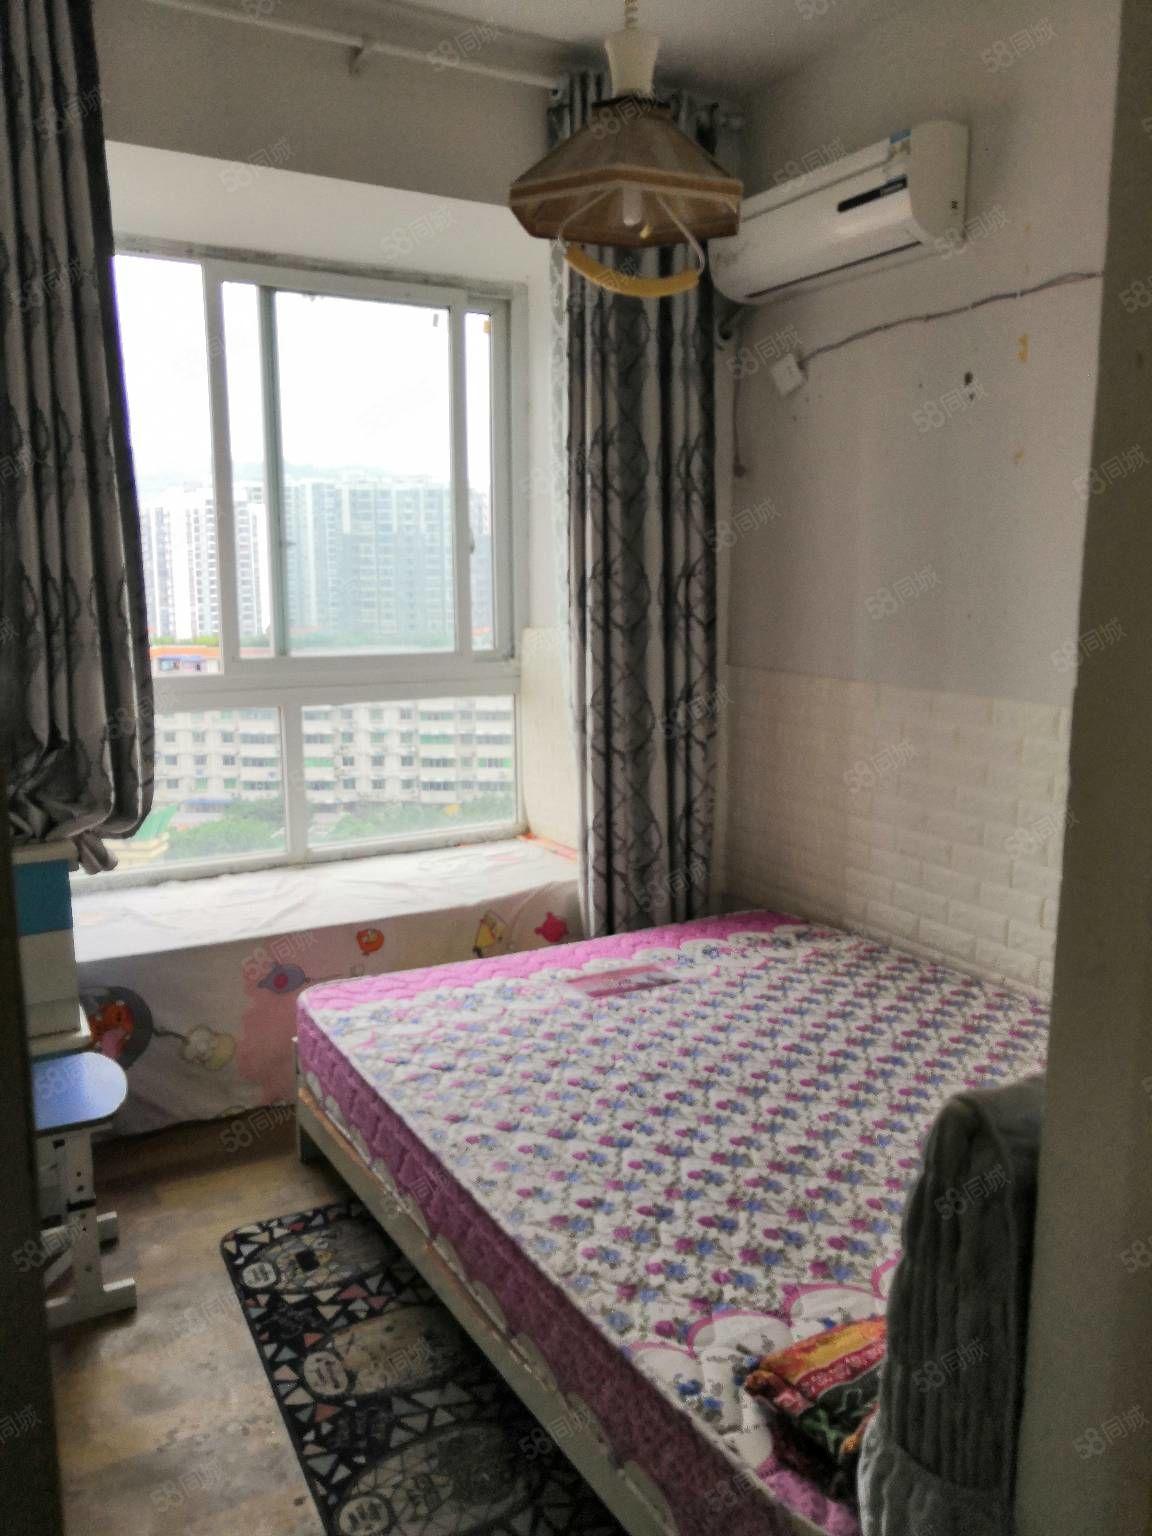 四小旁名郡简装房带家具家急卖!两室两厅一厨一卫一阳台63平米